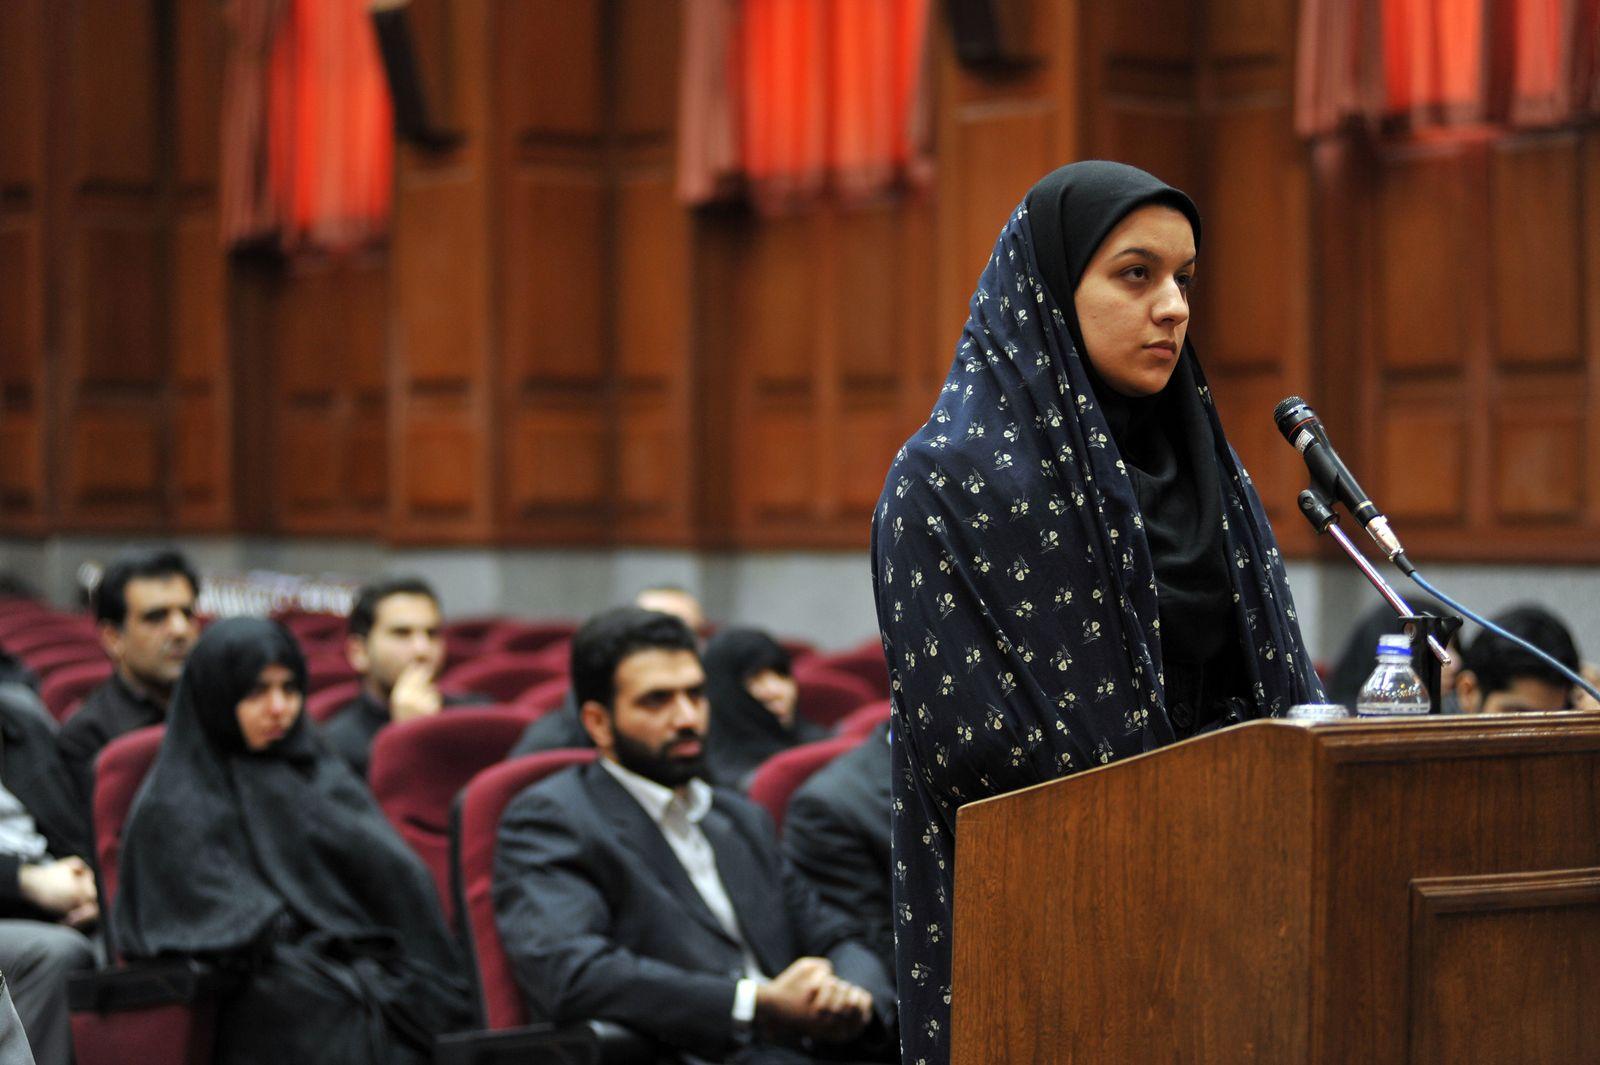 Rejhaneh Jabbari